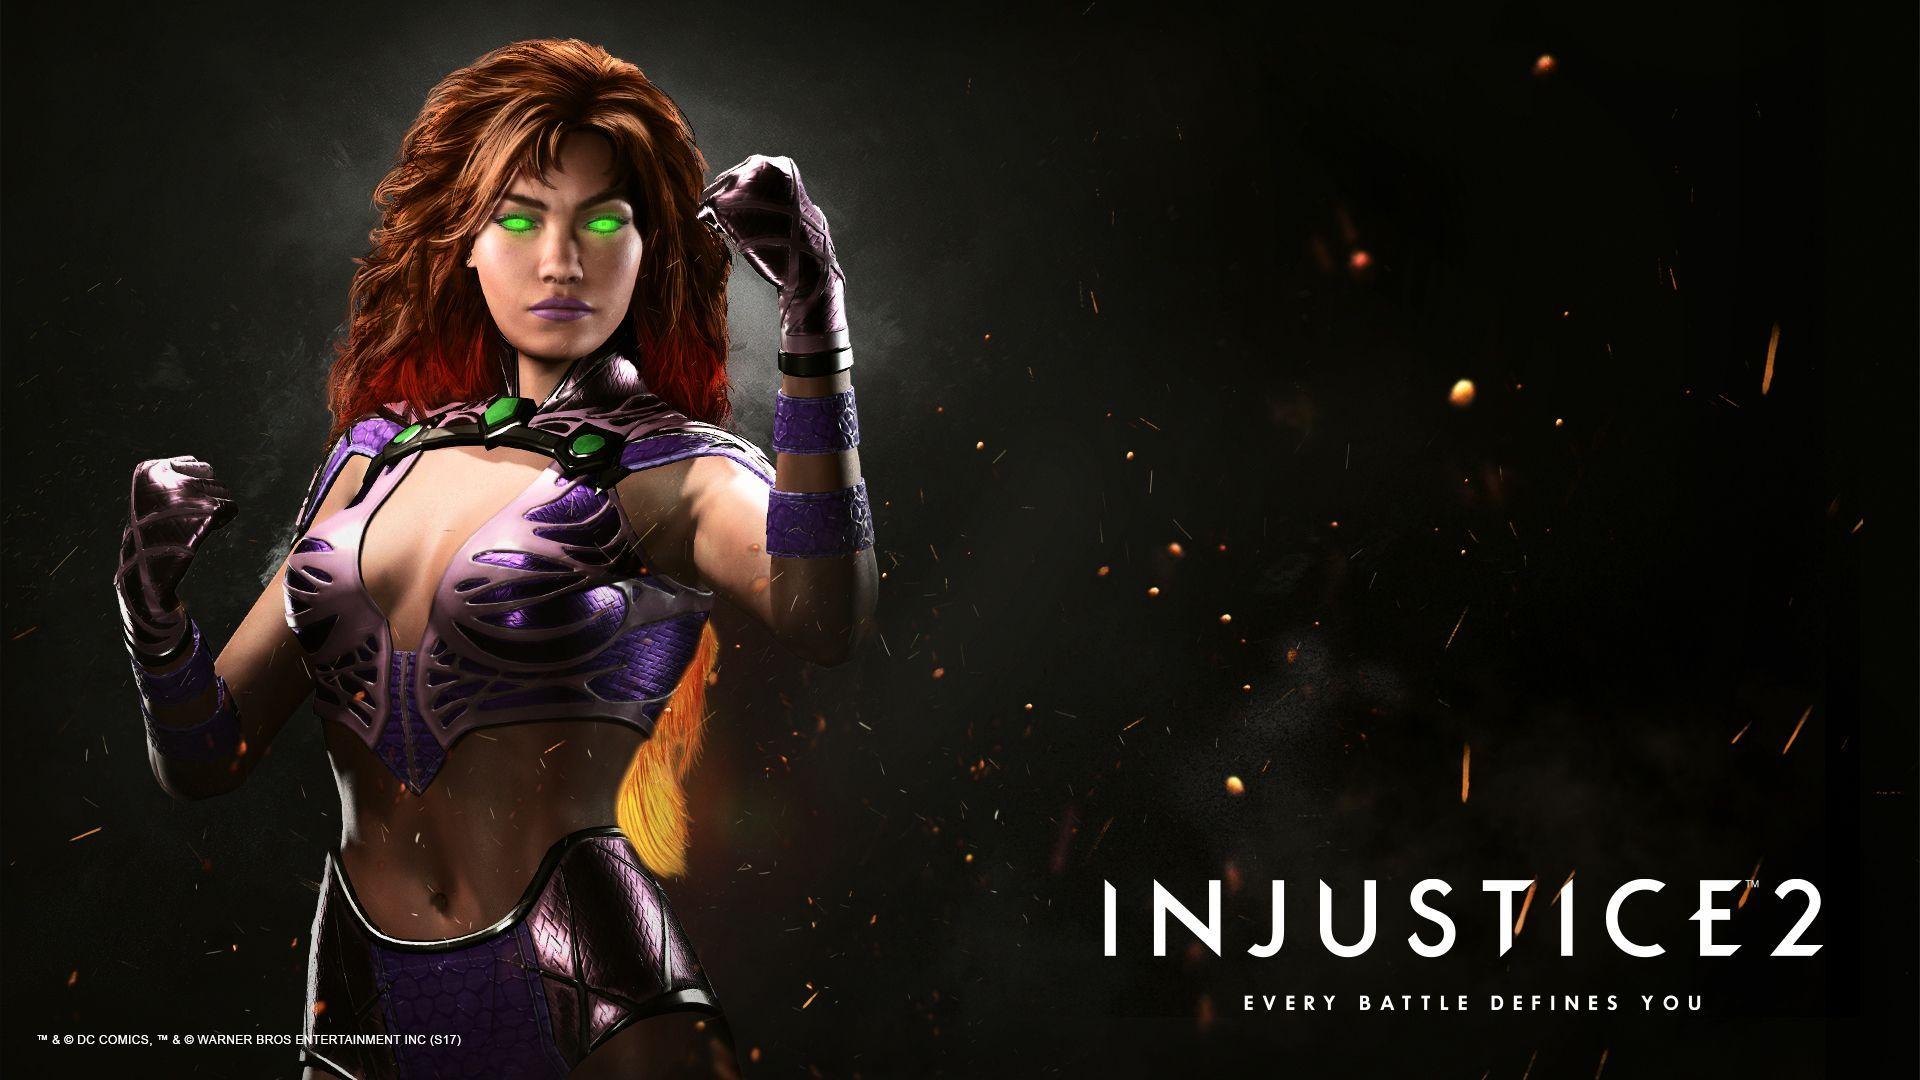 injustice2starfirewallpaper1920x108039jpg 19202151080